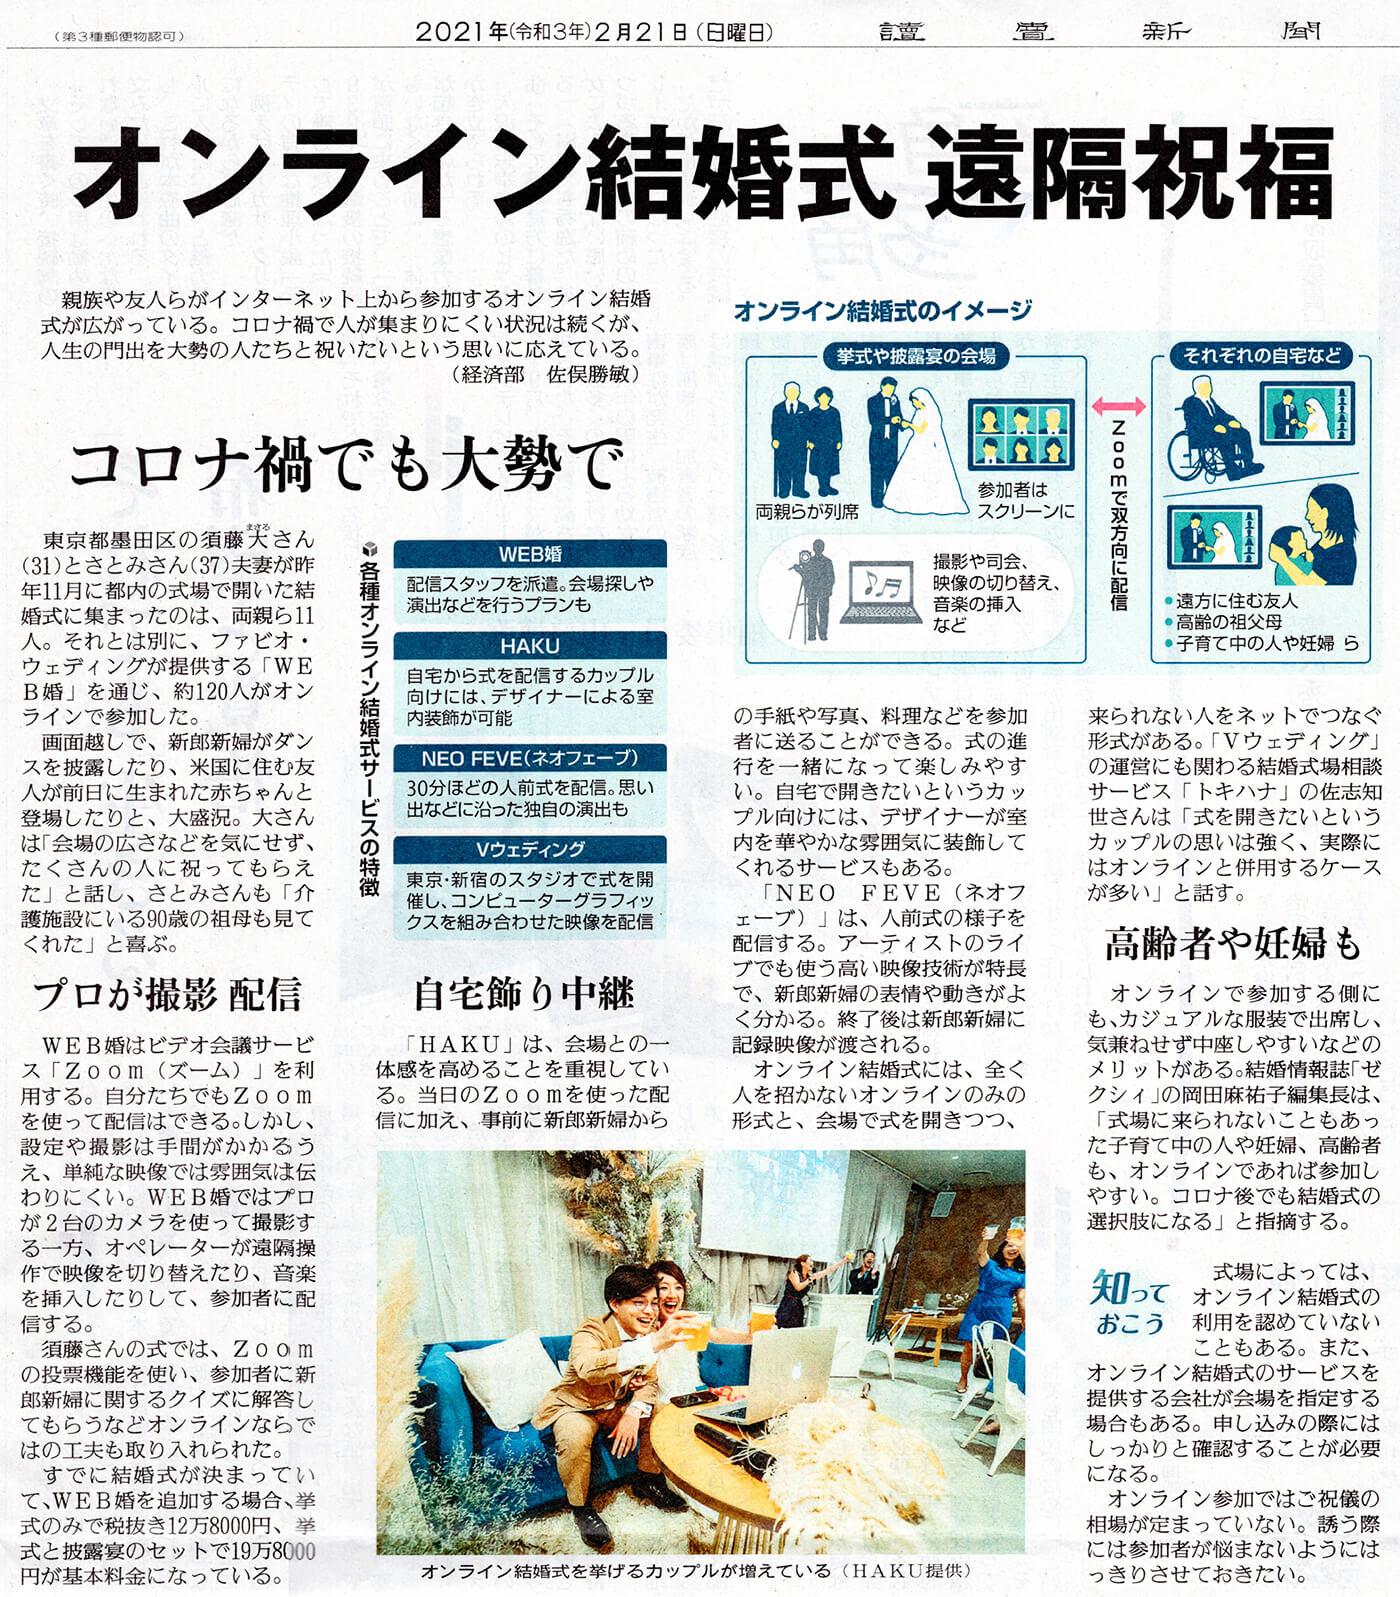 オンライン結婚式 WEB婚・読売新聞